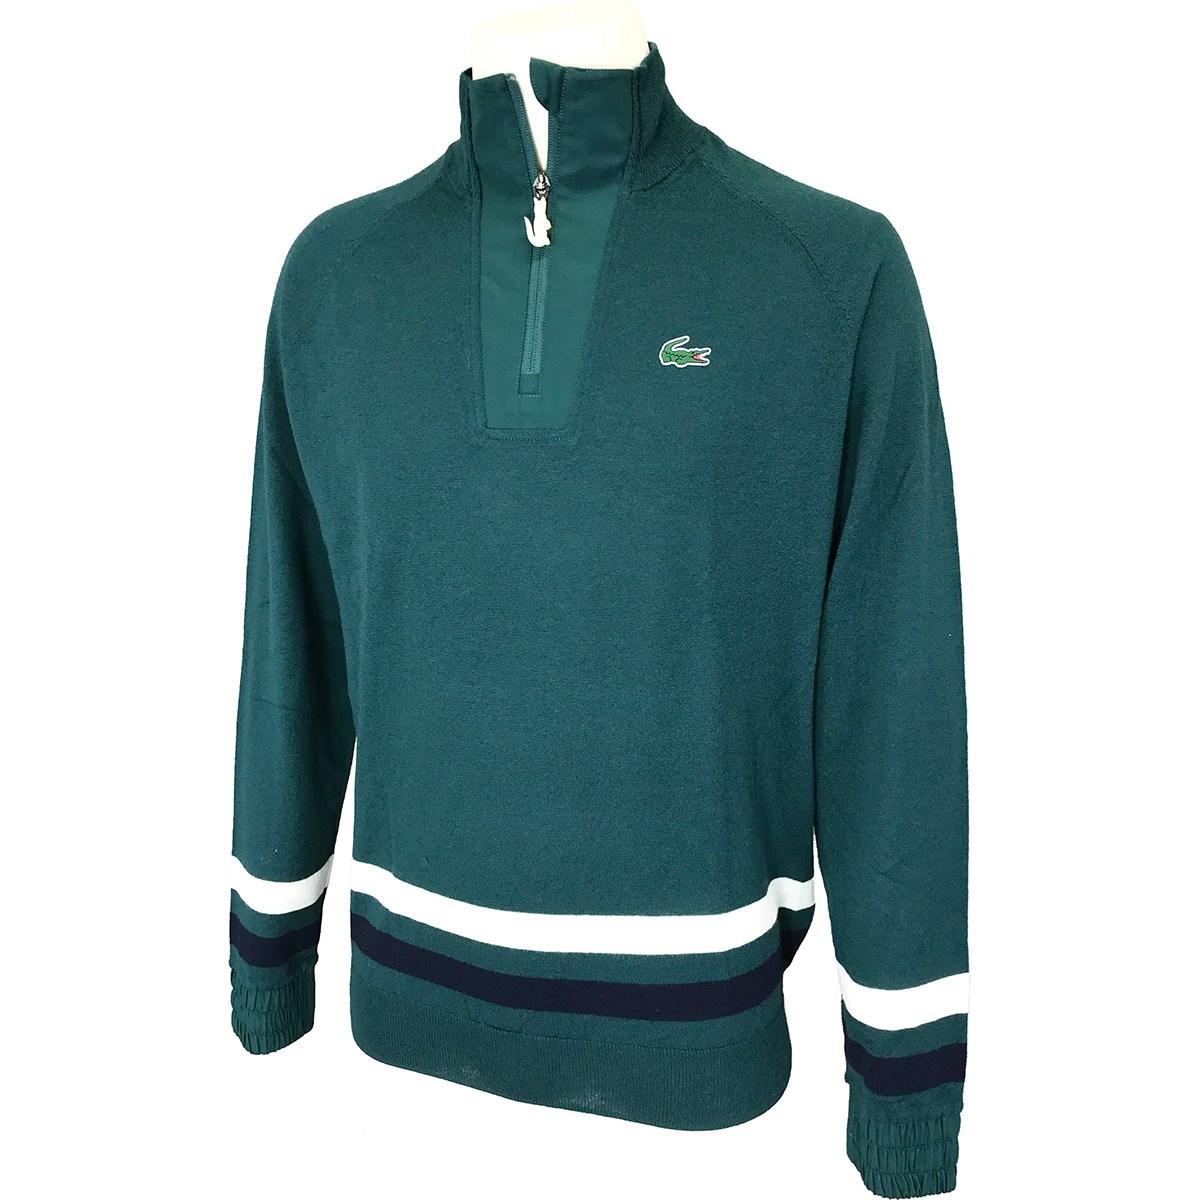 ラコステ LACOSTE SPORT Coolmax(R) ハーフジップウールゴルフセーター